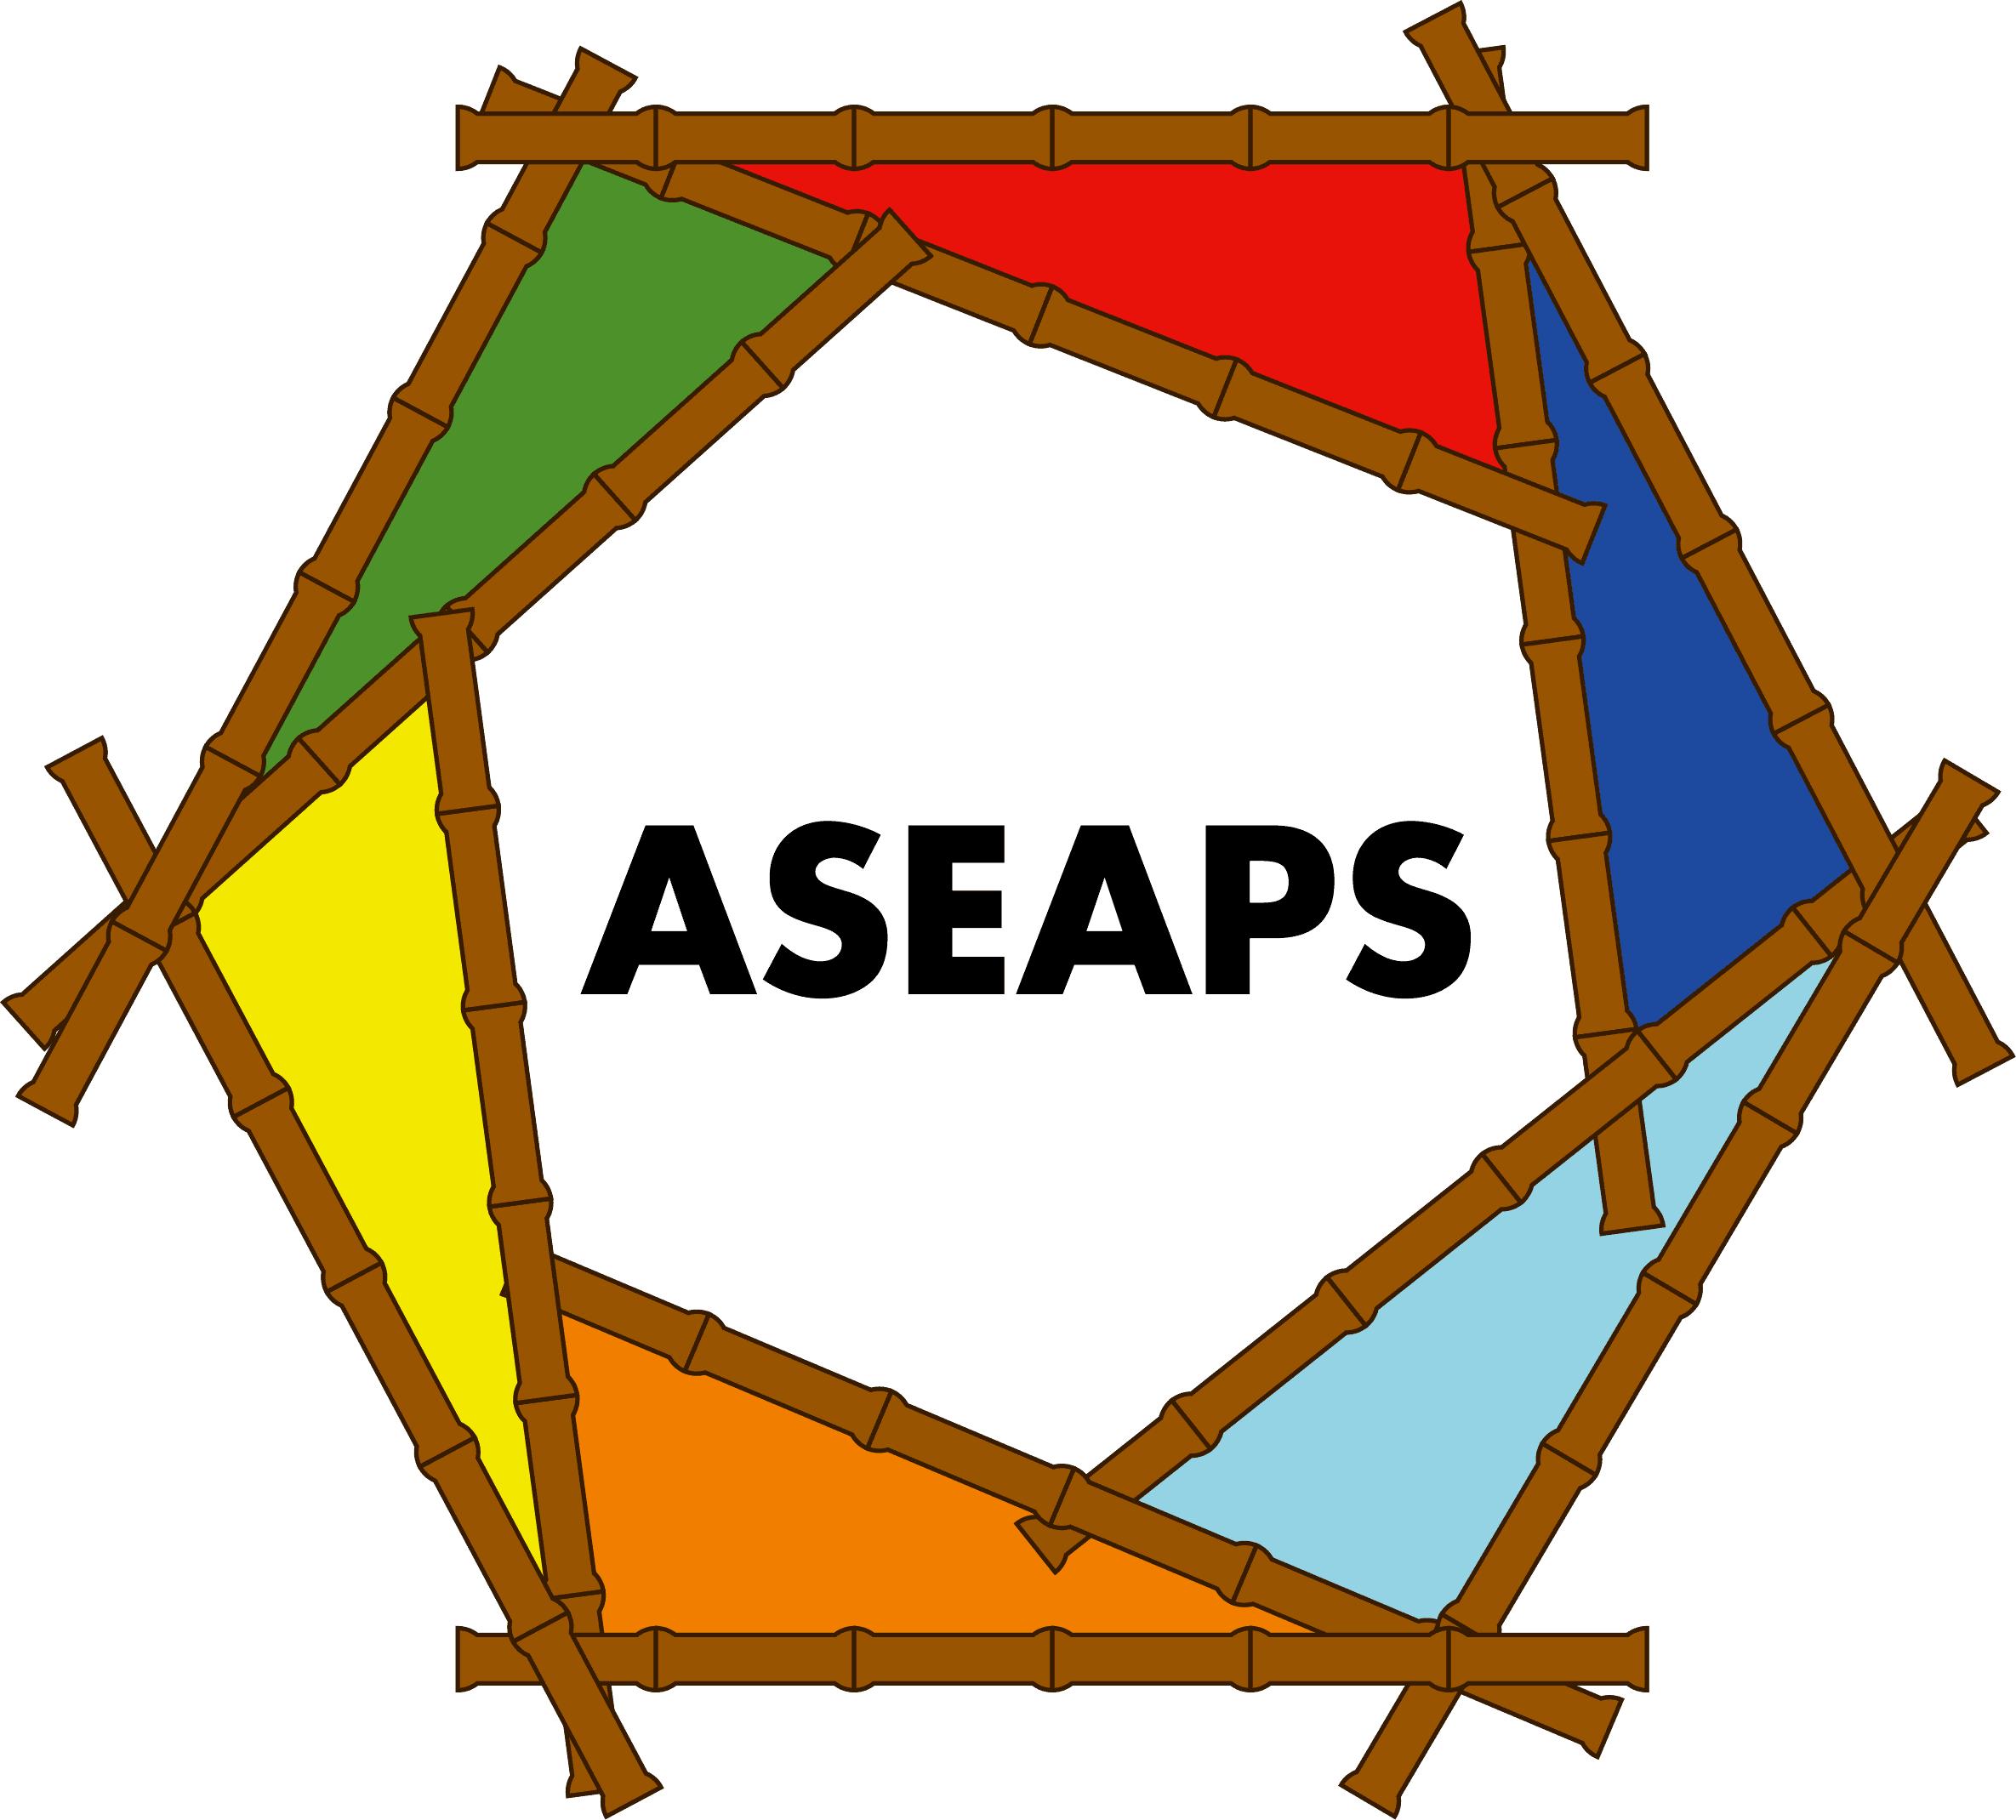 ASEAPS